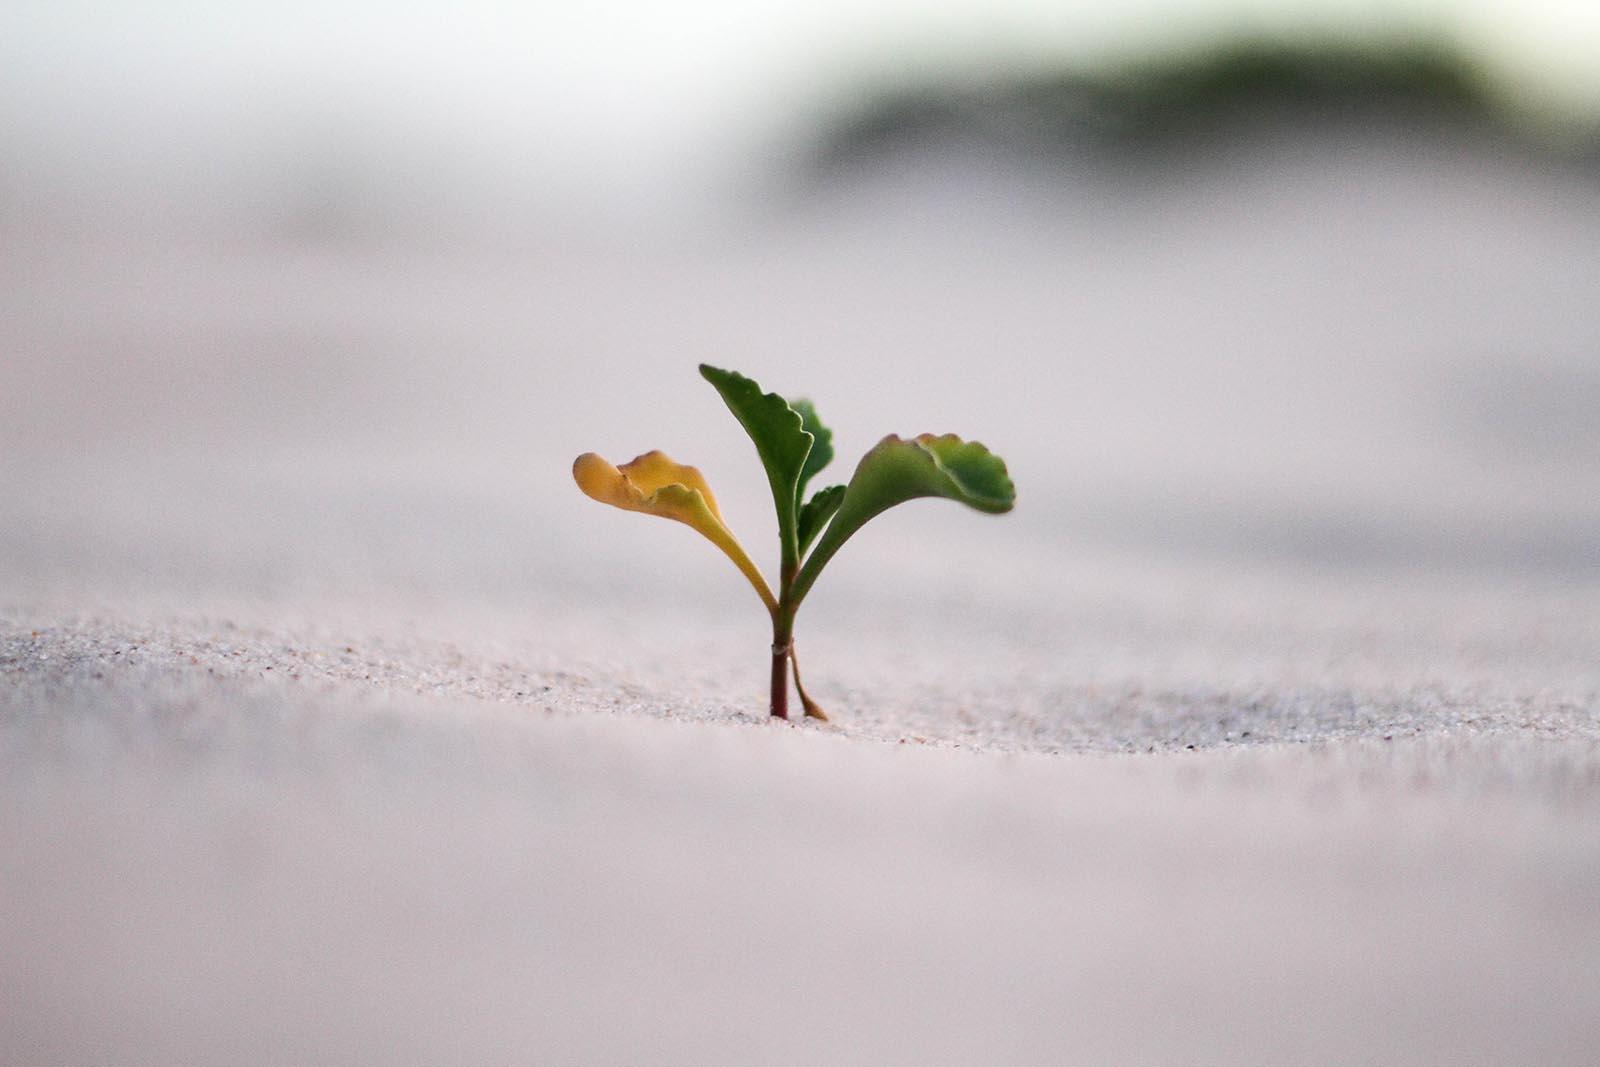 Growing Plant.jpg